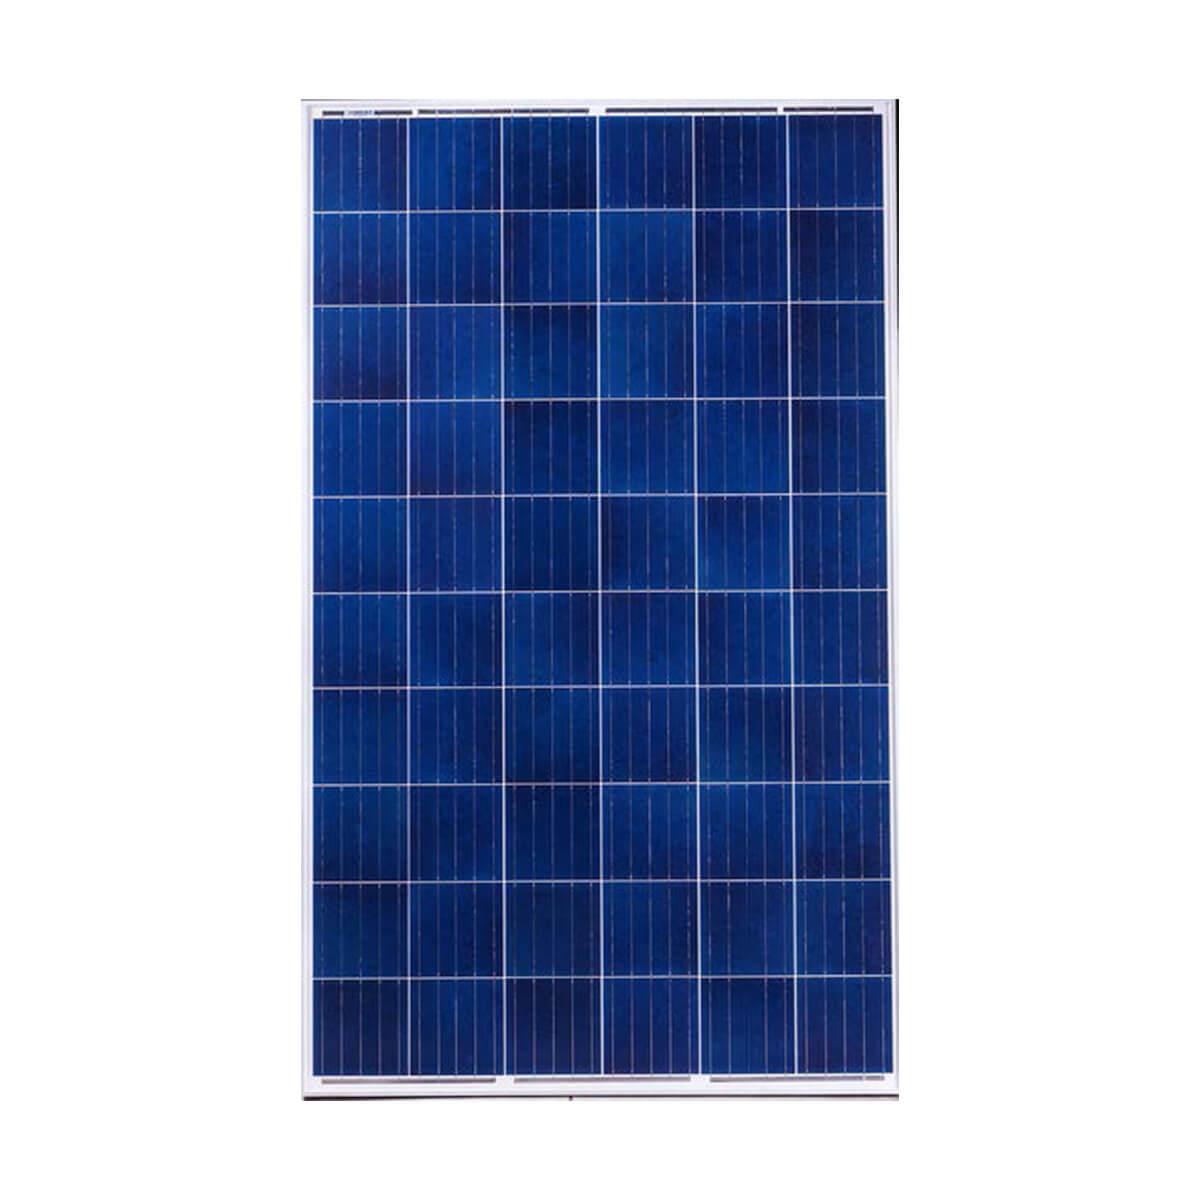 gazioglu solar enerji 275W panel, gazioglu solar enerji 275Watt panel, gazioglu solar enerji 275 W panel, gazioglu solar enerji 275 Watt panel, gazioglu solar enerji 275 Watt polikristal panel, gazioglu solar enerji 275 W watt gunes paneli, gazioglu solar enerji 275 W watt polikristal gunes paneli, gazioglu solar enerji 275 W Watt fotovoltaik polikristal solar panel, gazioglu solar enerji 275W polikristal gunes enerjisi, gazioglu solar enerji GSE-275W panel